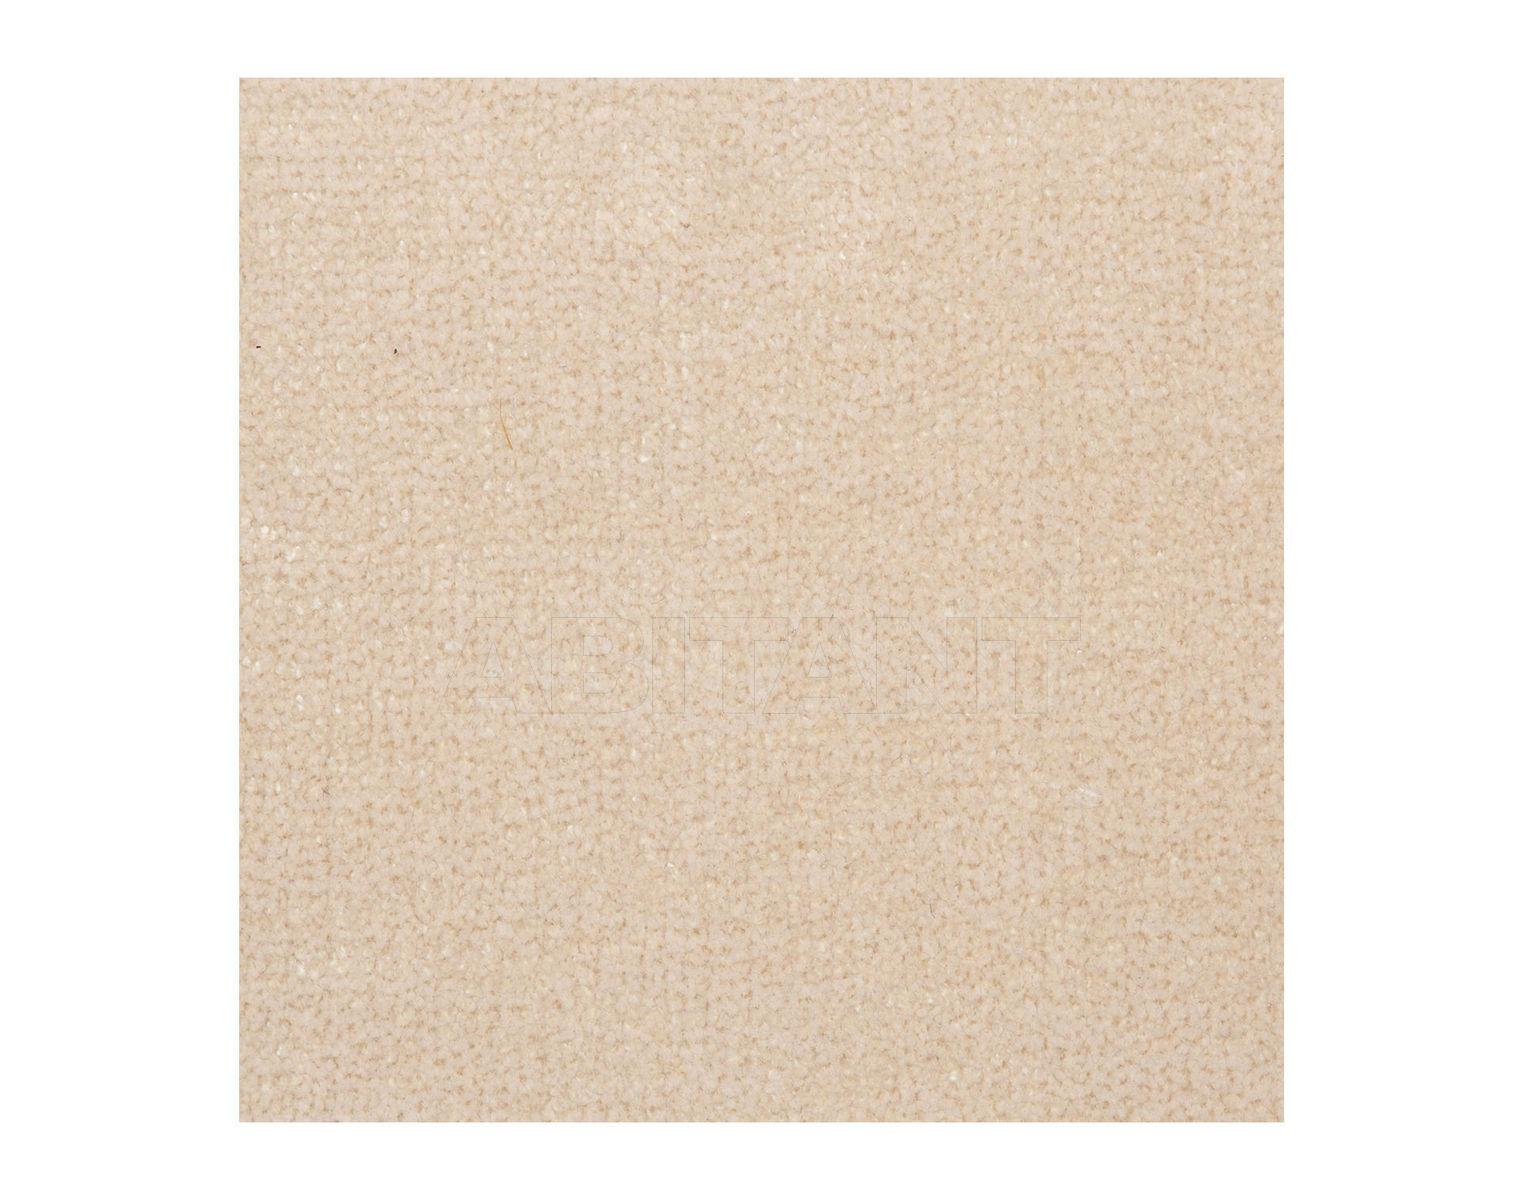 Купить Ковролин M.I.D. CarpetsB.V. Marine Edition Soie de Velours 10M 20c6